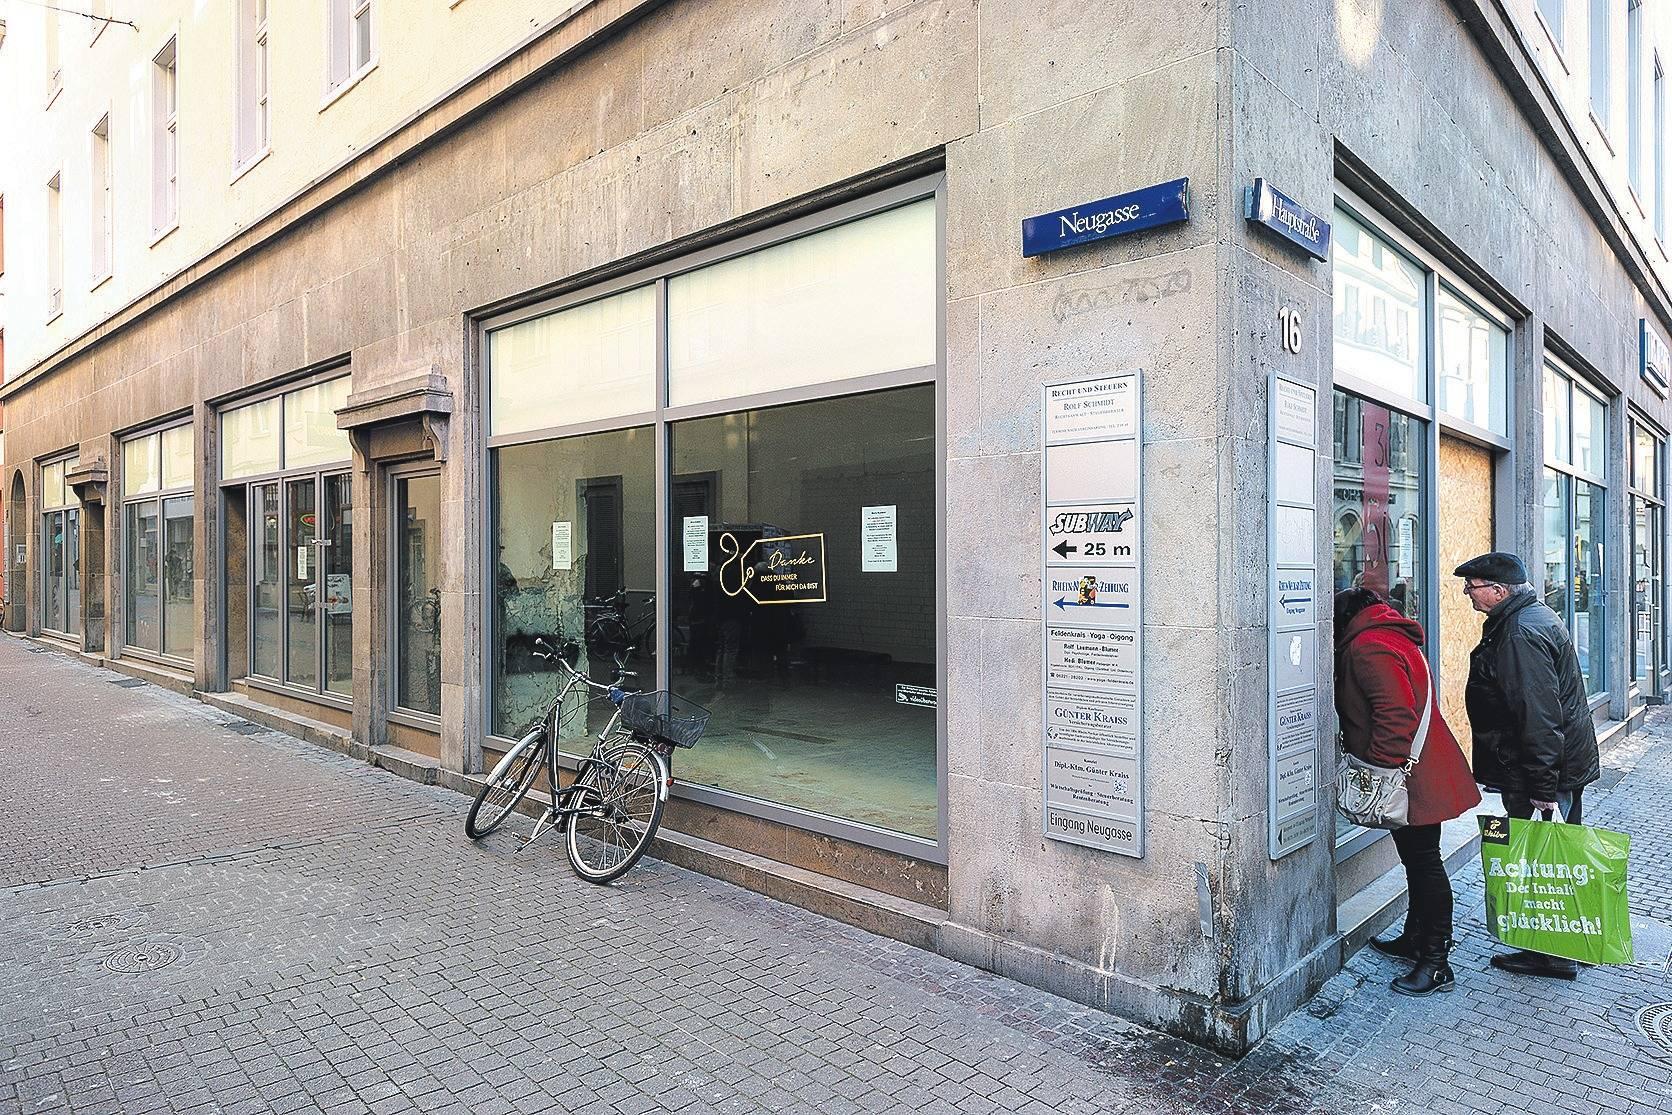 Einrichtungshaus Heidelberg heidelberger hauptstraße raus mode rein nachrichten aus